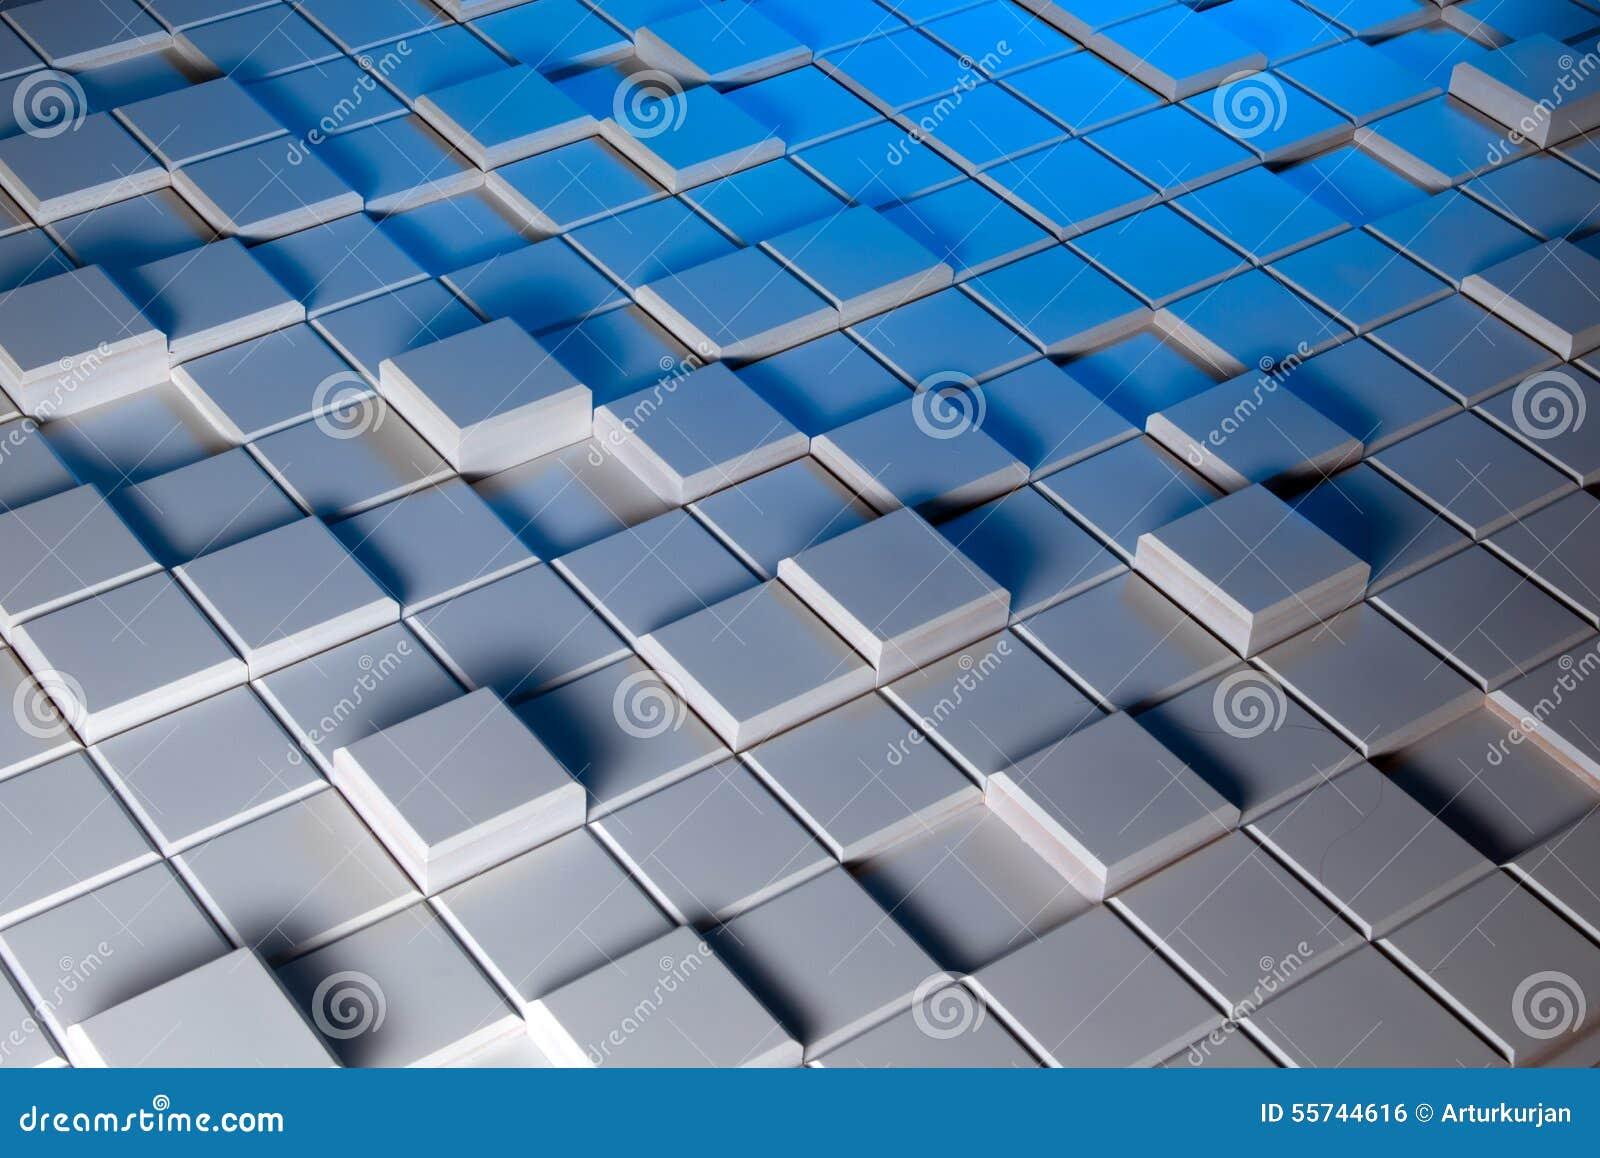 Witte en blauwe achtergrond van regelmatig gevormd